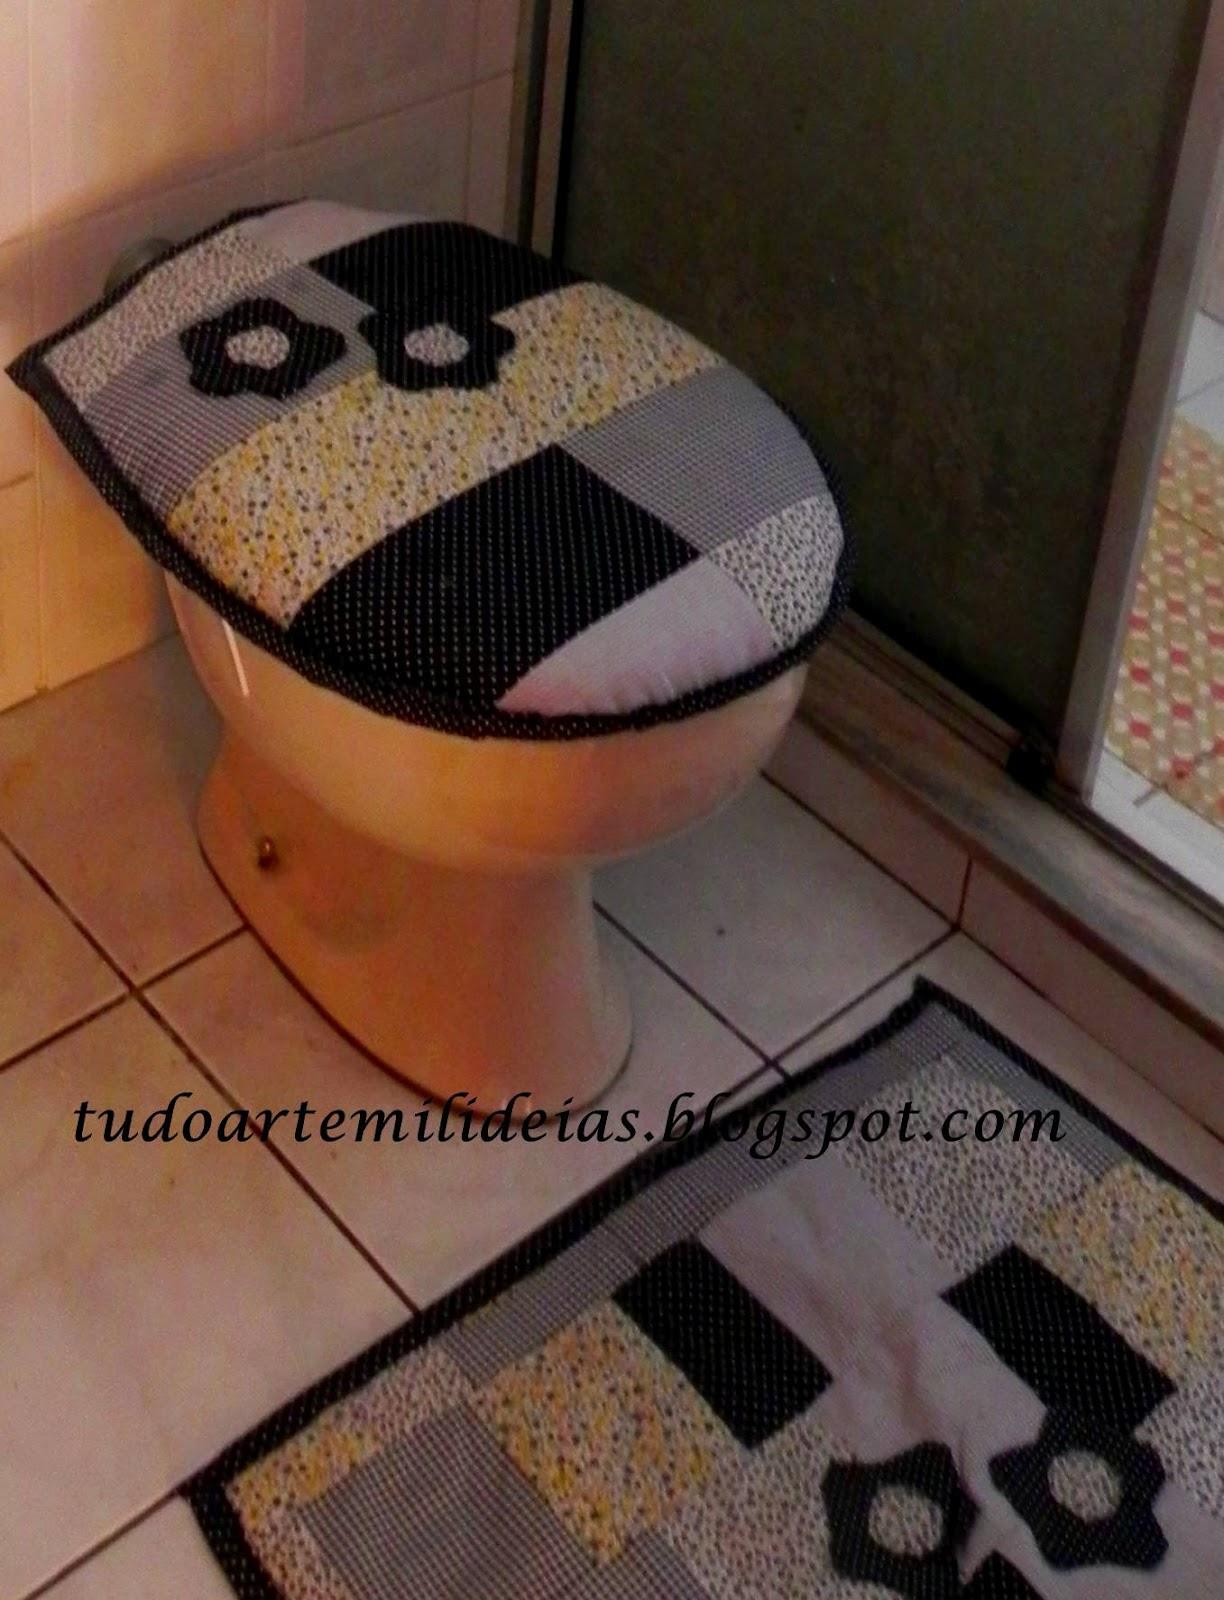 Imagens de #9B6030 artesanato jardim da vovo:Meu banheiro ficou mais feliz e eu também! 1224x1600 px 3336 Blocos Autocad Banheiro Para Deficientes